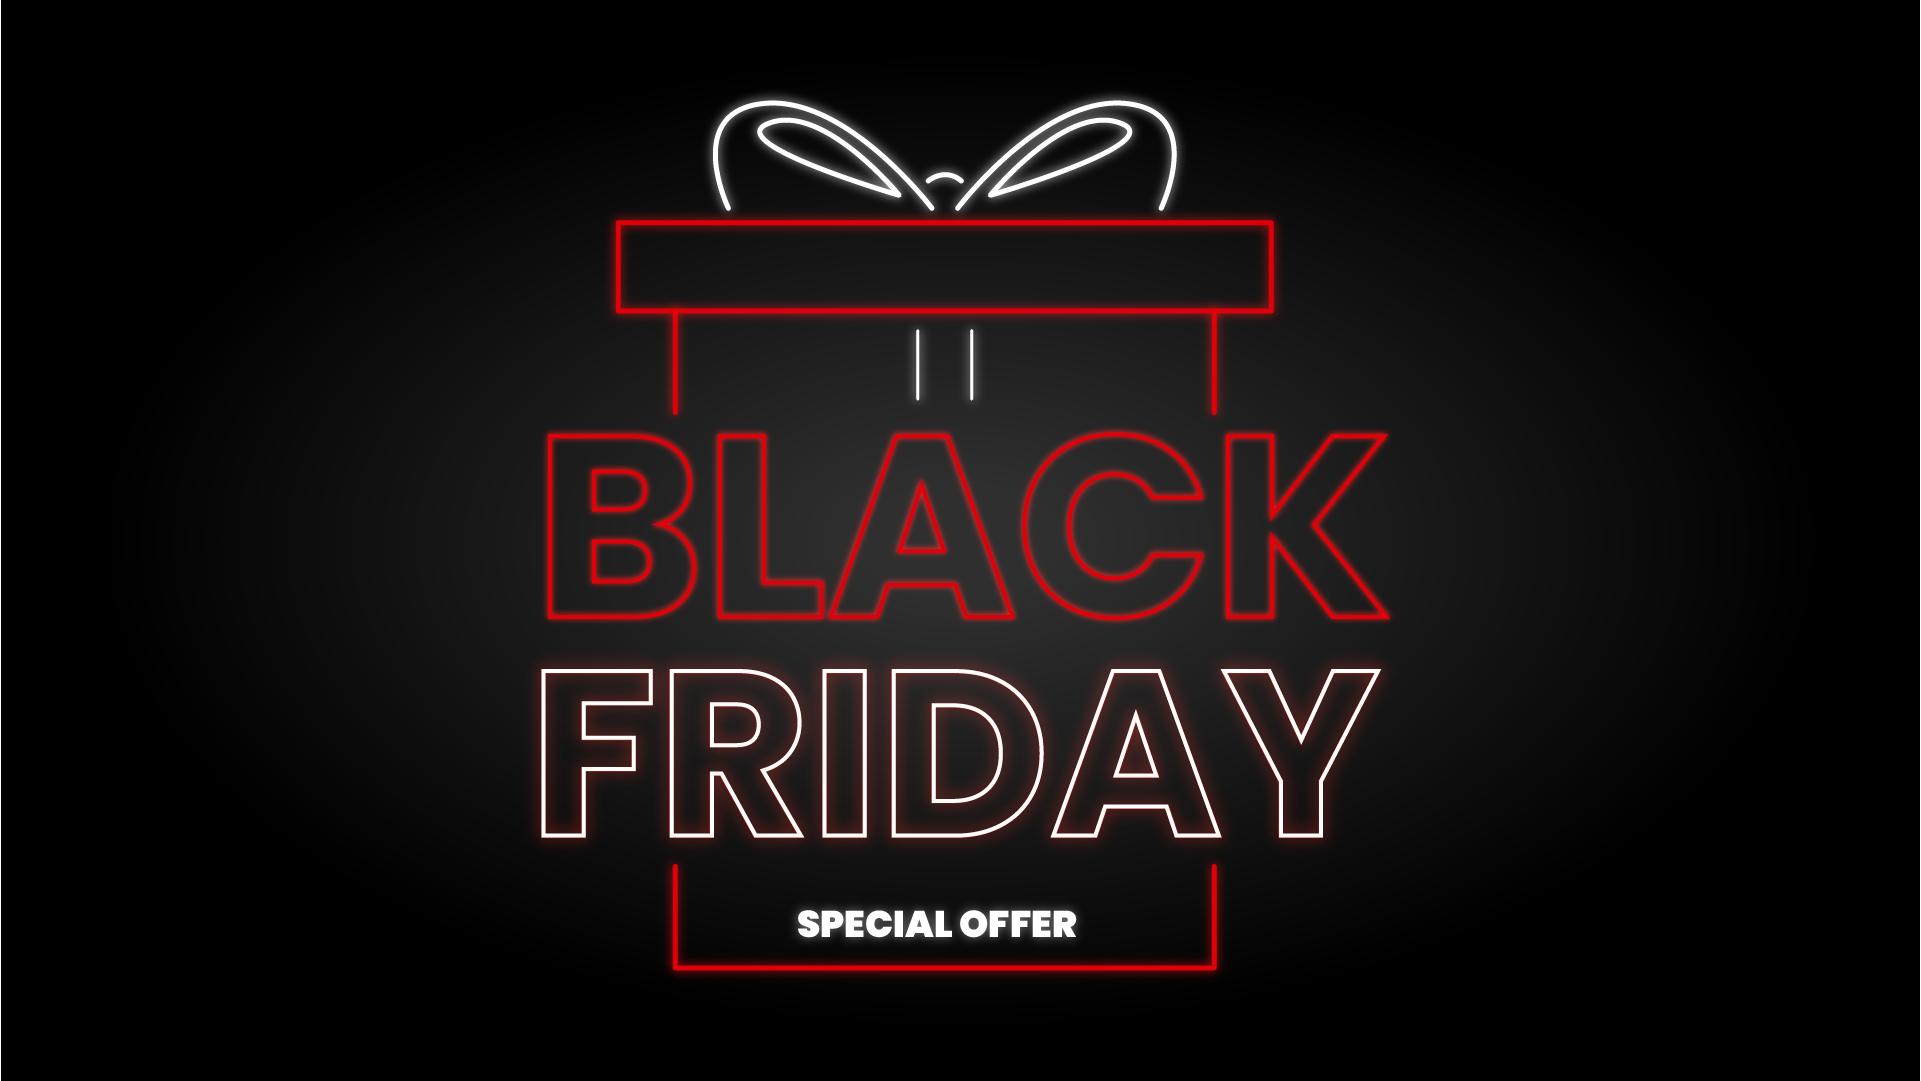 Black-Friday-Facebook